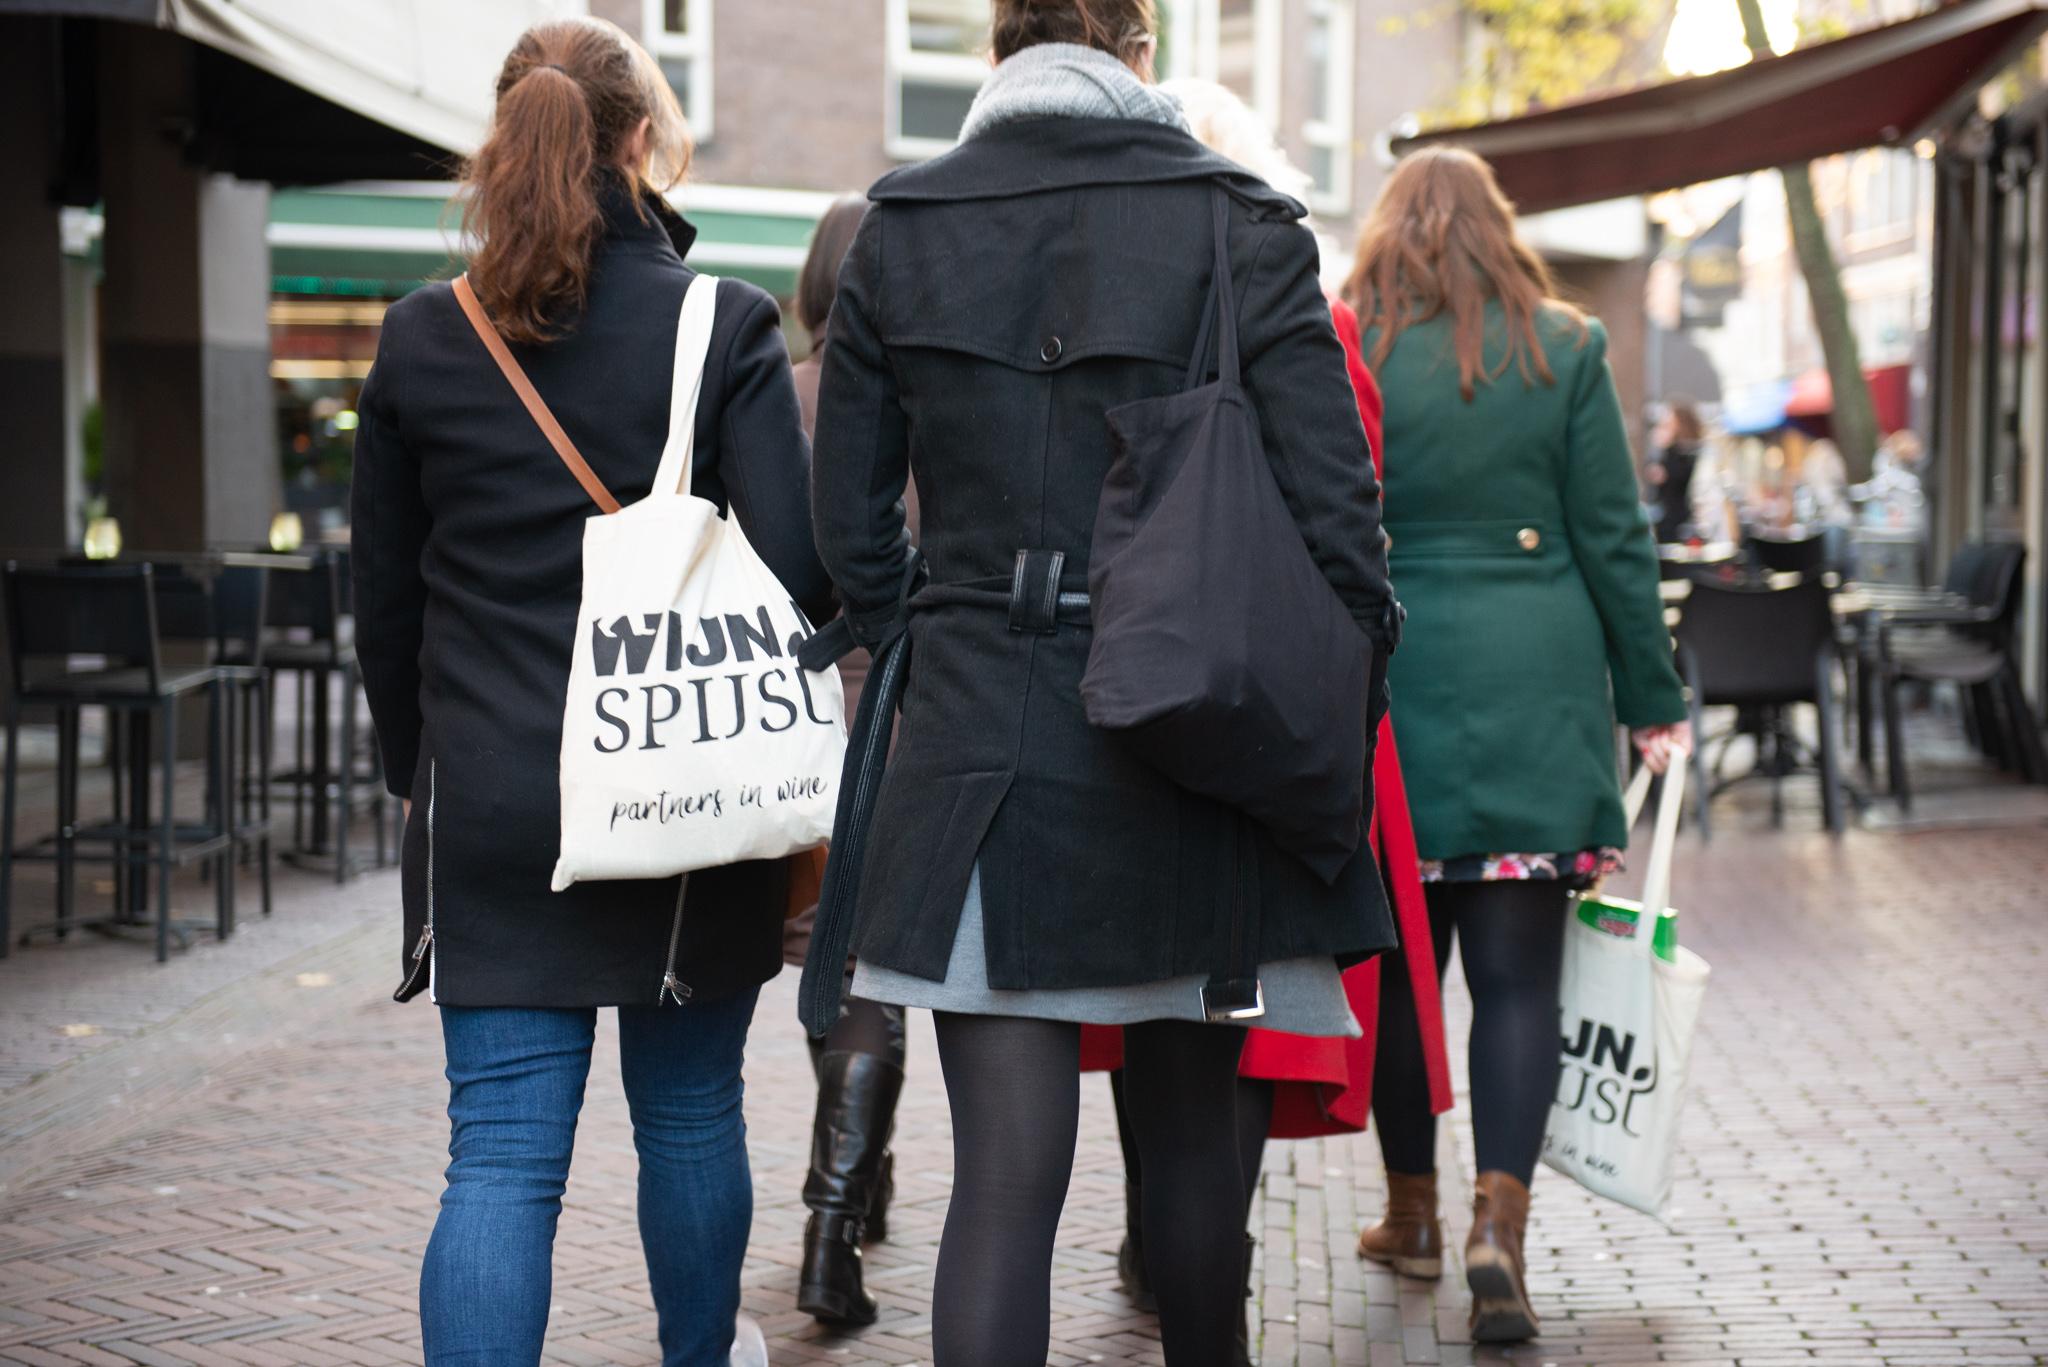 Utrecht | Illegaal culinair wandelen nu toch toegestaan